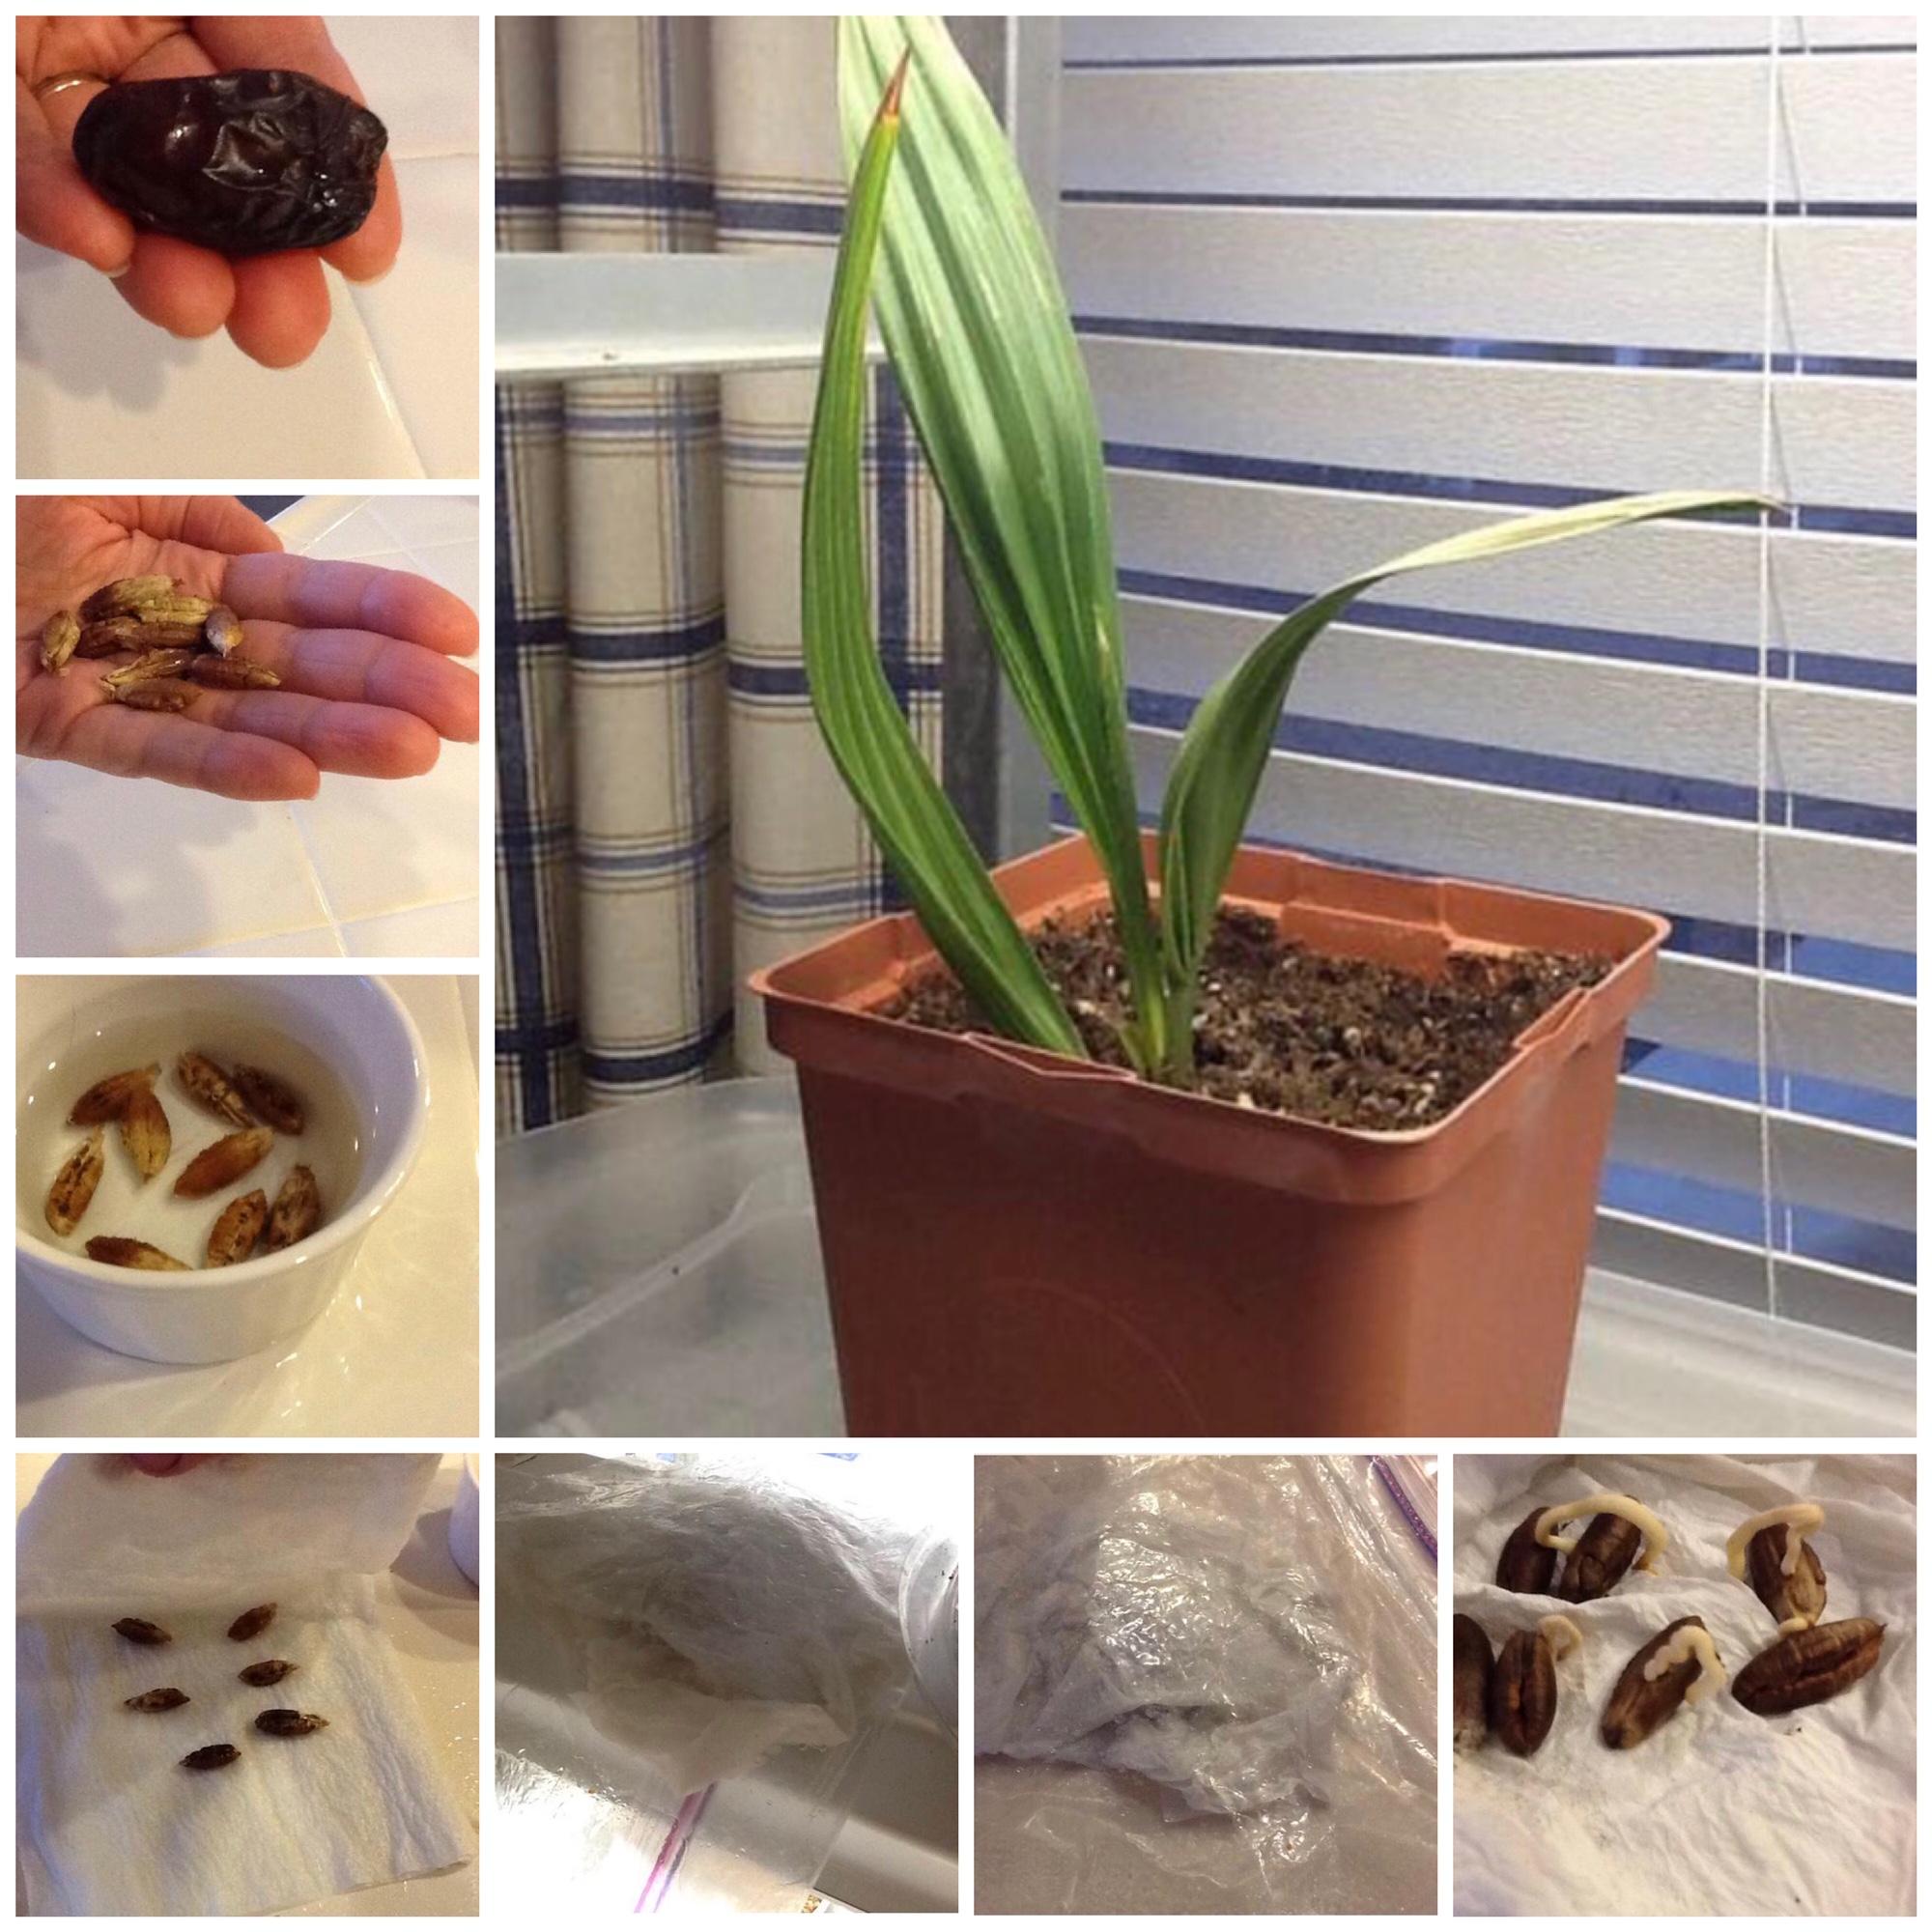 Kuidas panna dattel kasvama